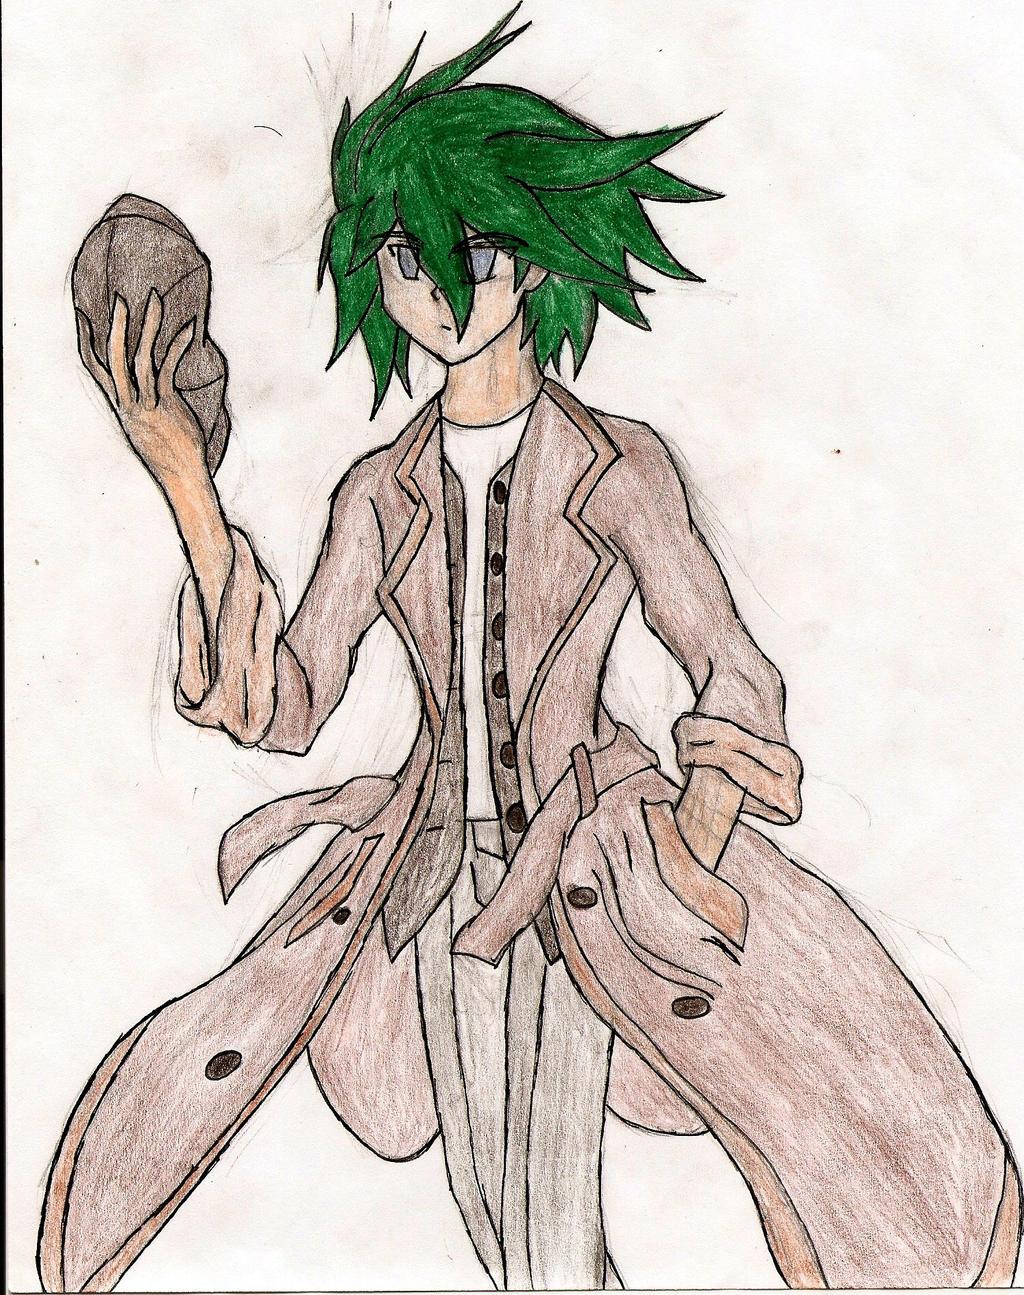 Yugioh 5ds OC: Akatsuki `Azure` Akuma (colored) by NeonNeoz